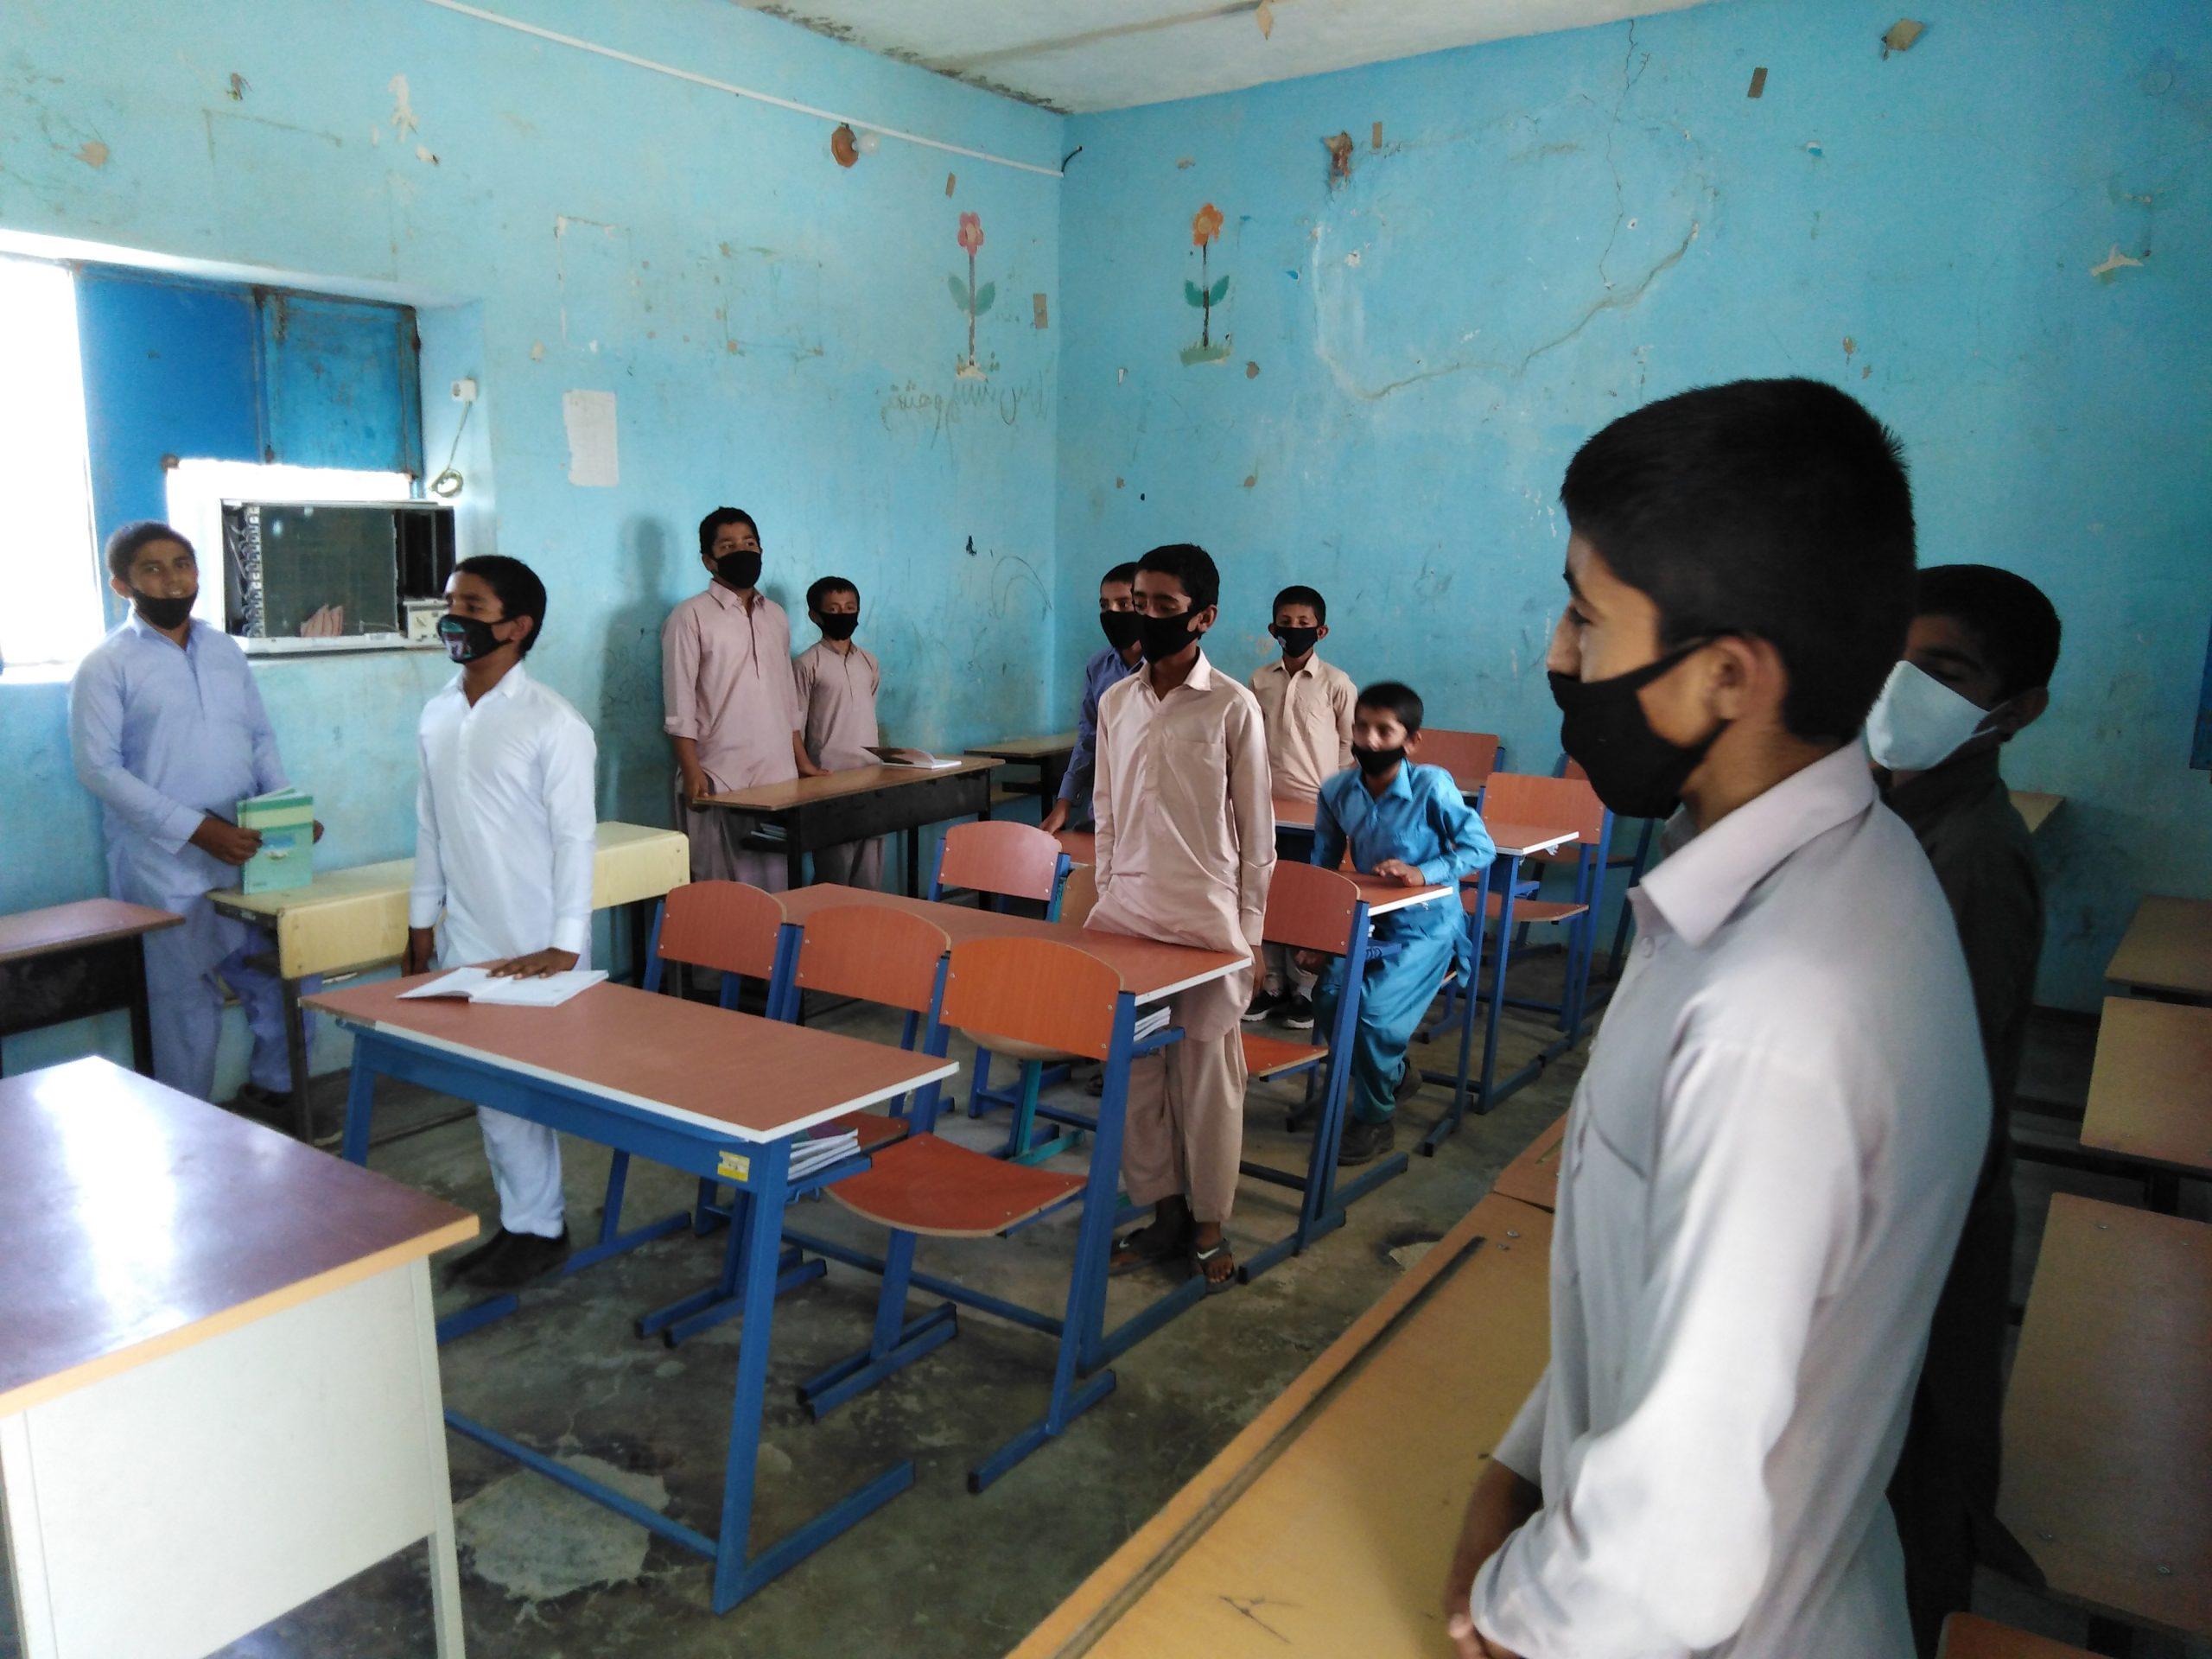 دانش آموزان در حال تحصیل در ساختمان قدیمی مدرسه روستای کالبر